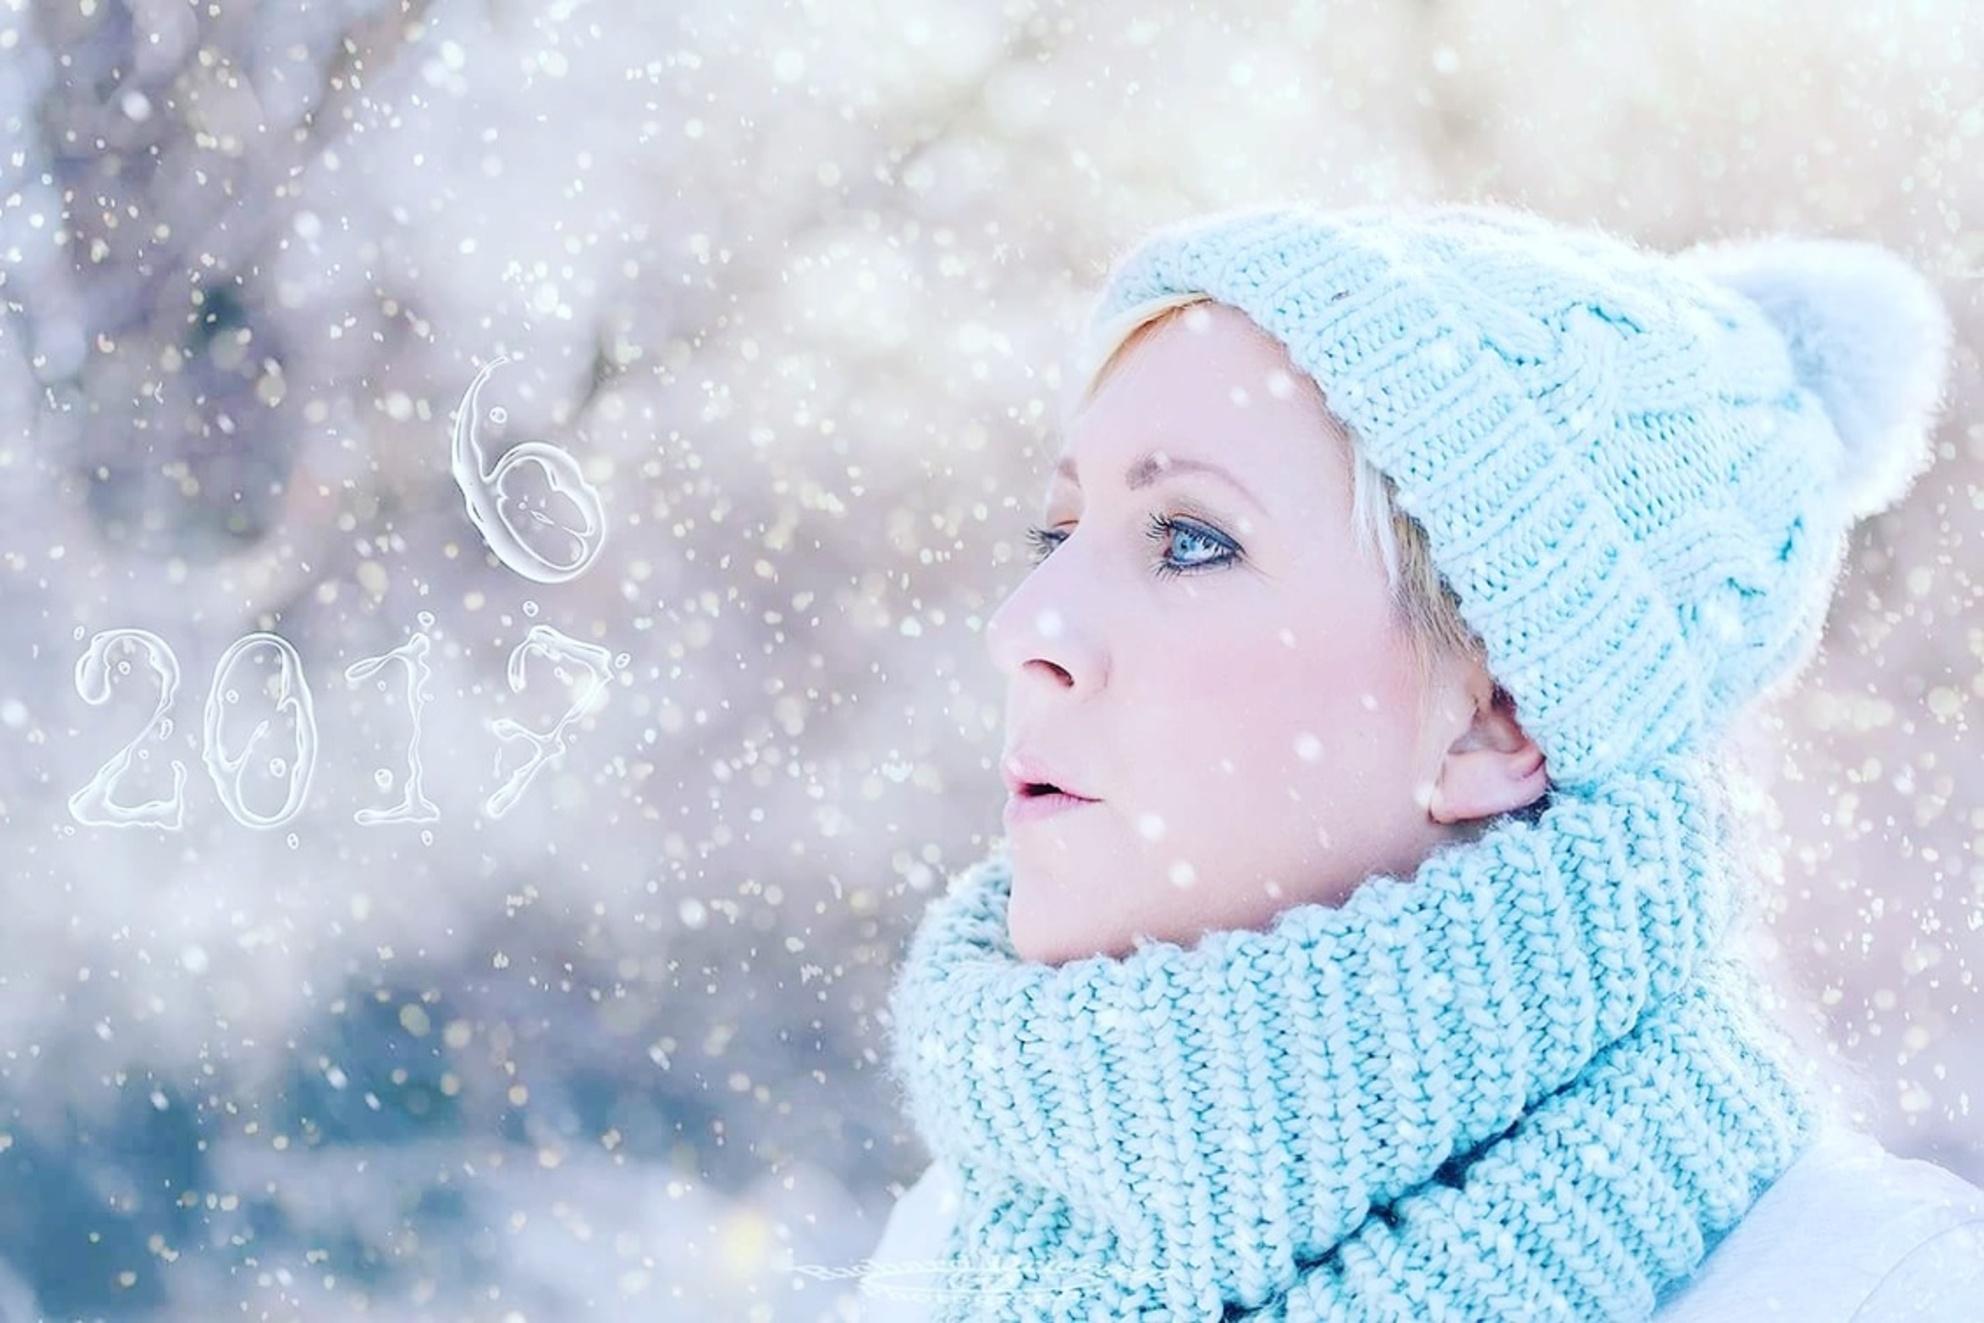 Happy newyear - Mijn vrouw gefotografeerd in een winterse setting - foto door jordan_zoom op 01-01-2017 - deze foto bevat: nieuwjaar, winter, portret, bewerkt, kerstkaart, sfeer, feest, contrast, photoshop, bokeh, 2017 - Deze foto mag gebruikt worden in een Zoom.nl publicatie